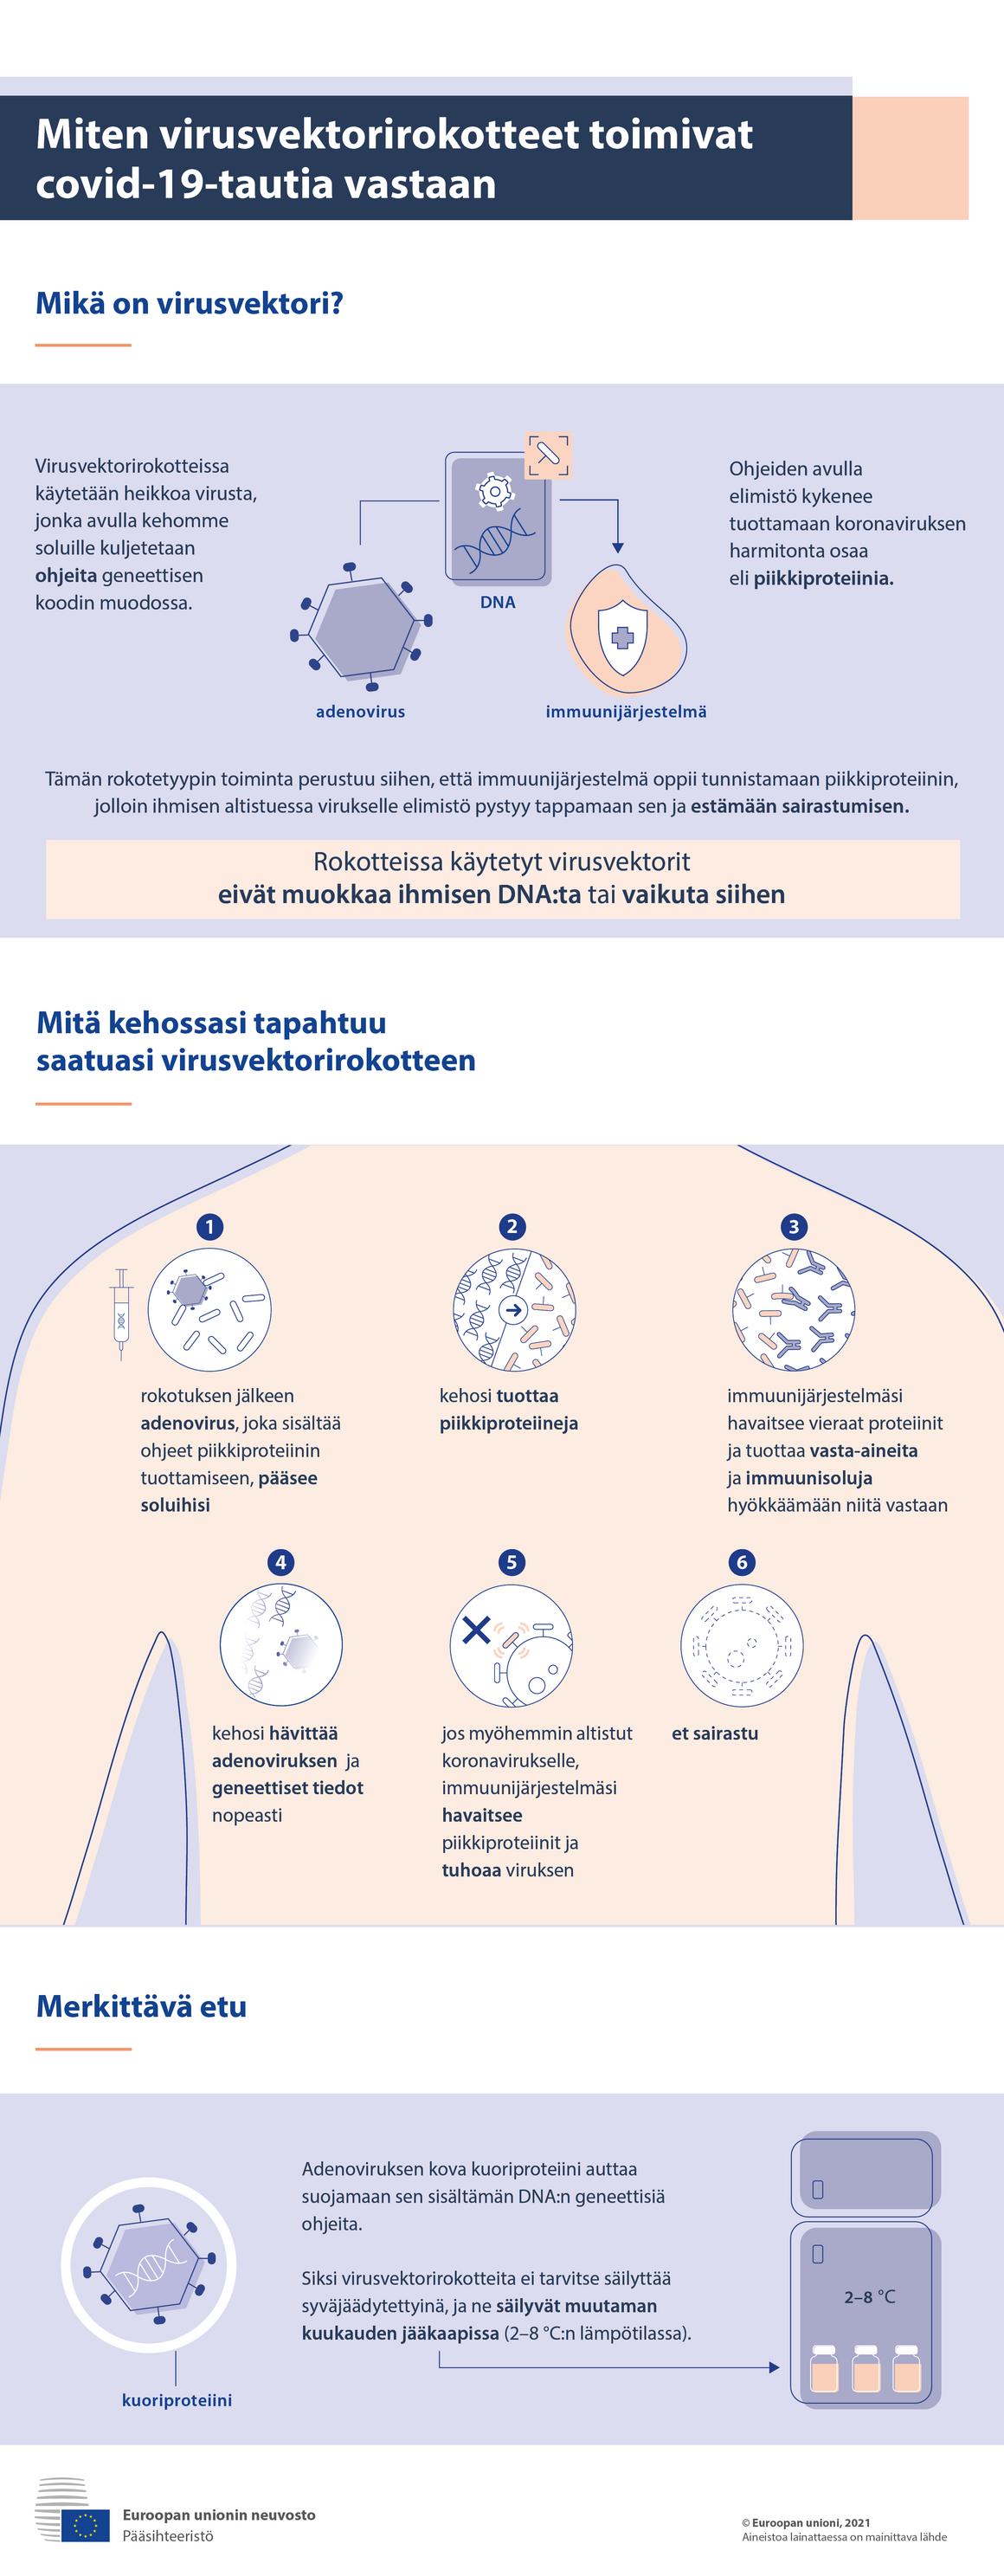 Infograafi – Näin virusvektorirokotteet toimivat covid-19-tautia vastaan